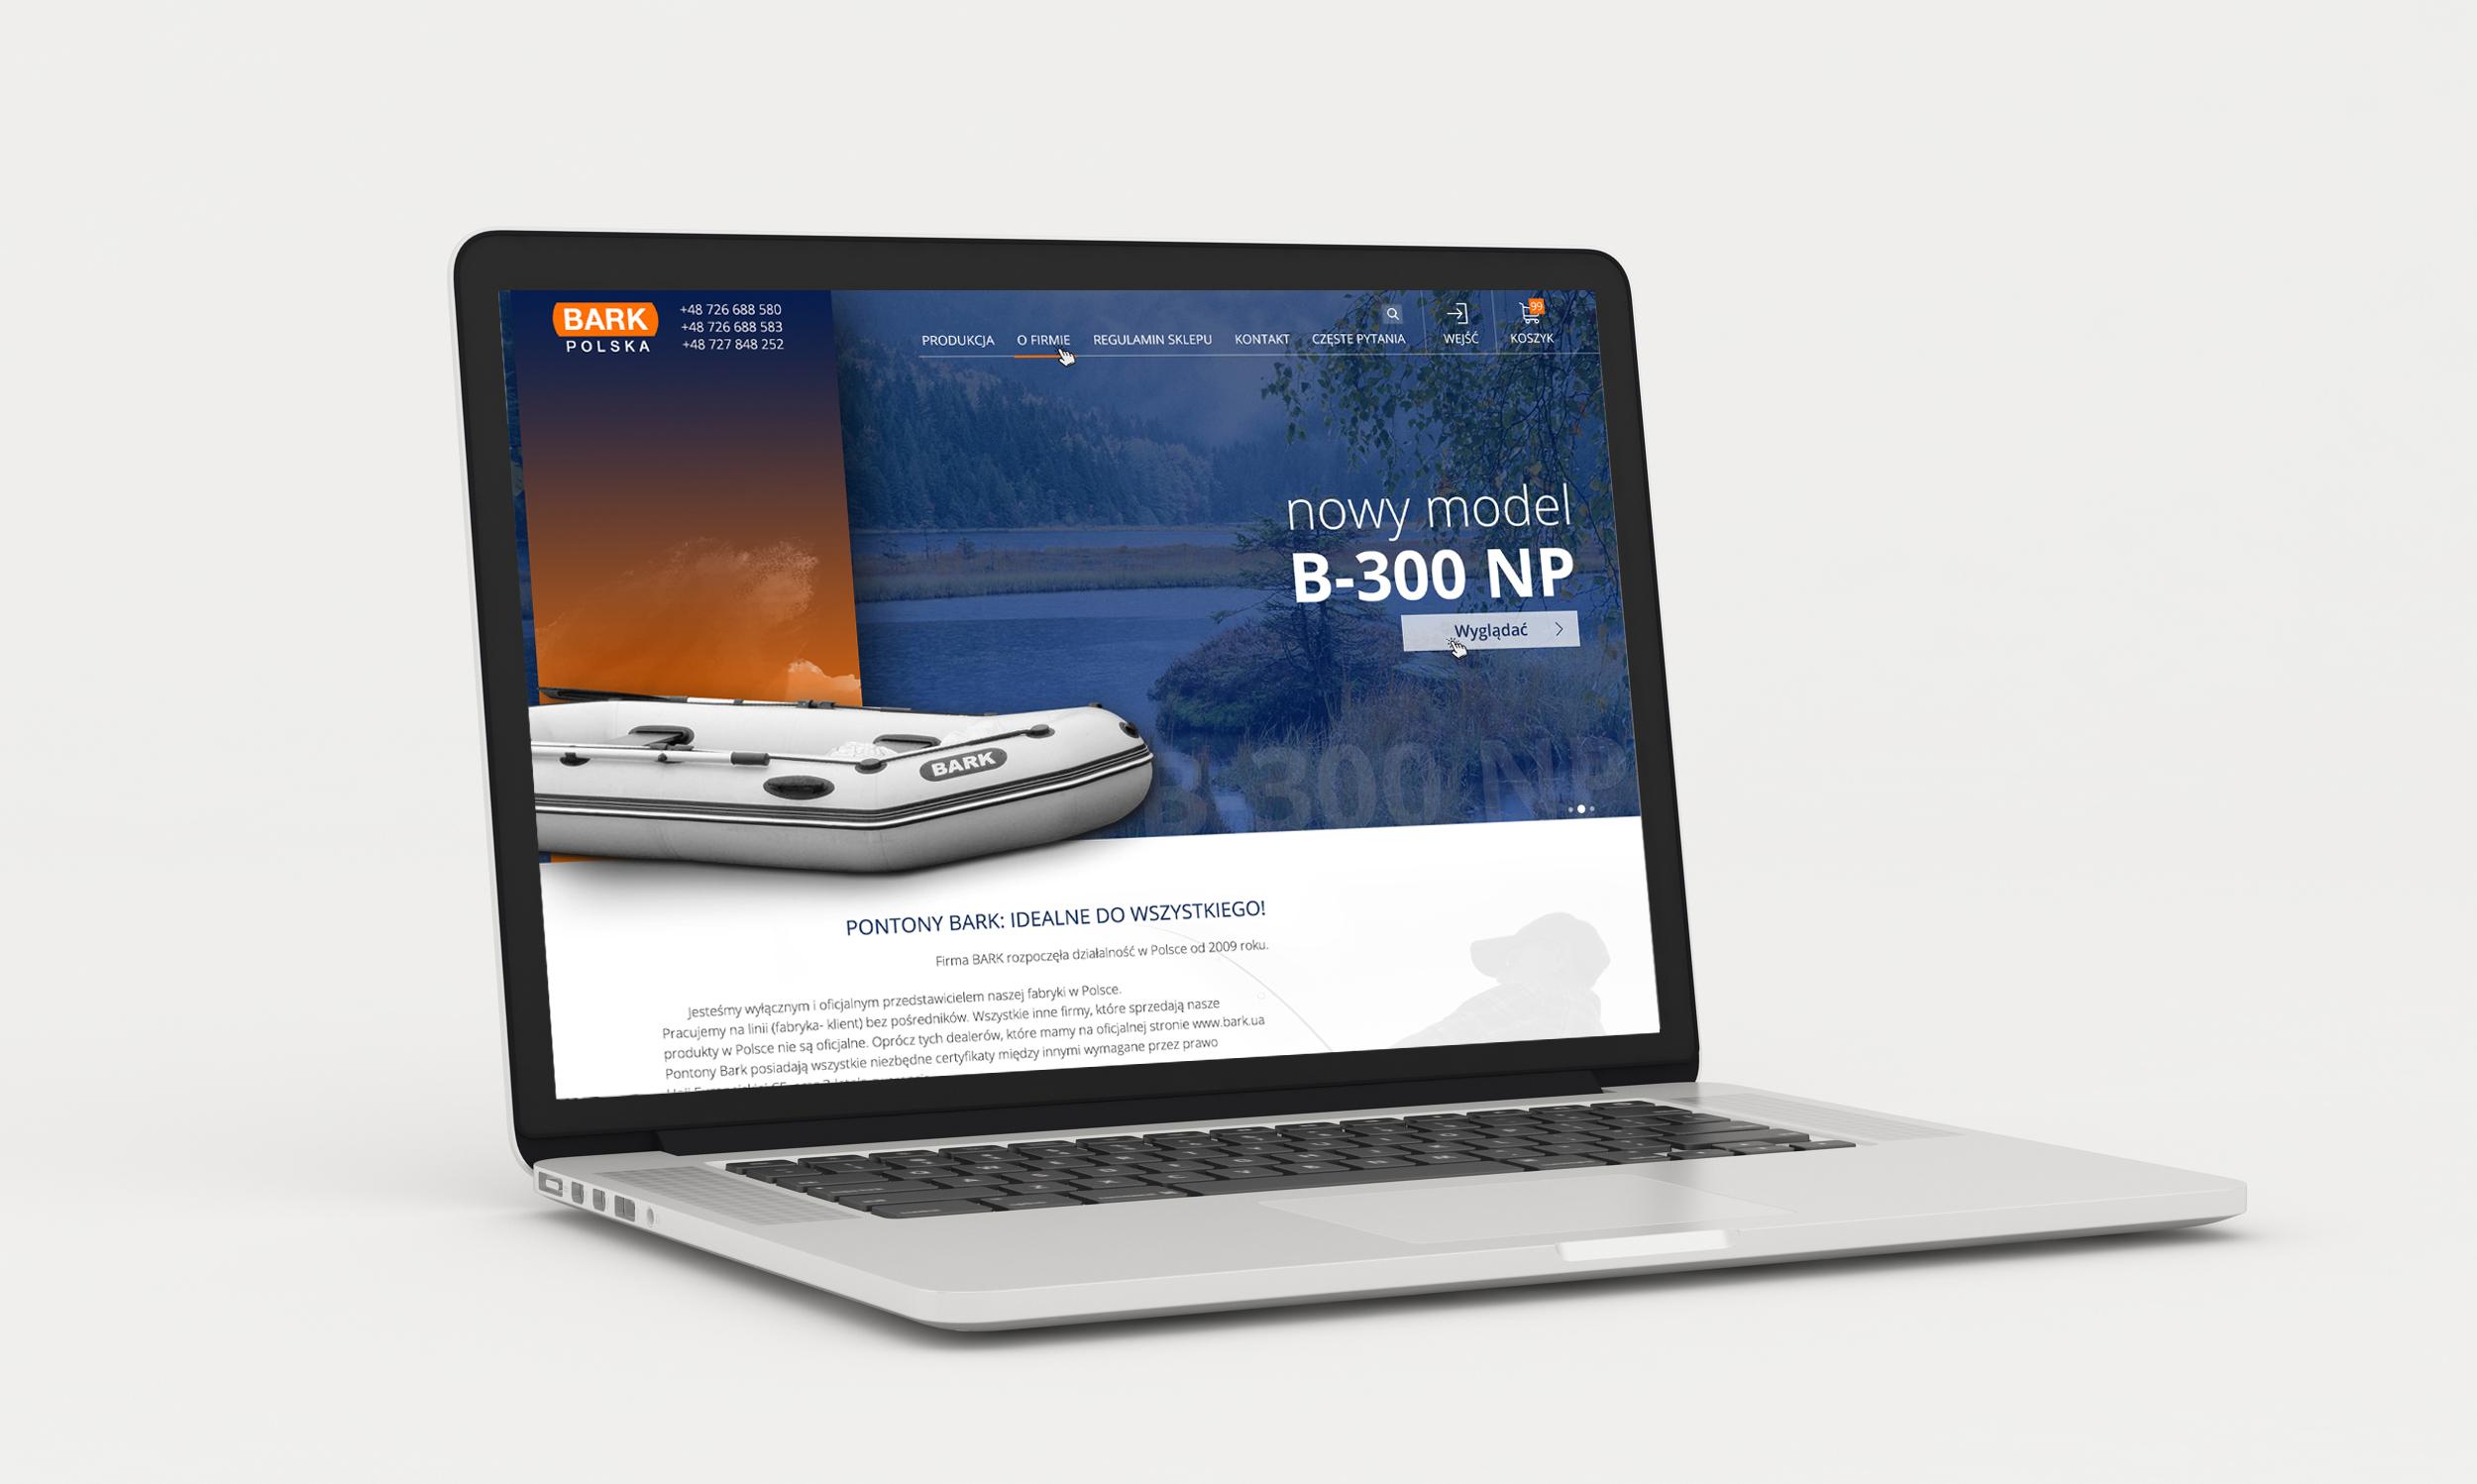 Польский интернет-магазин по продаже Лодок и аксессуаров